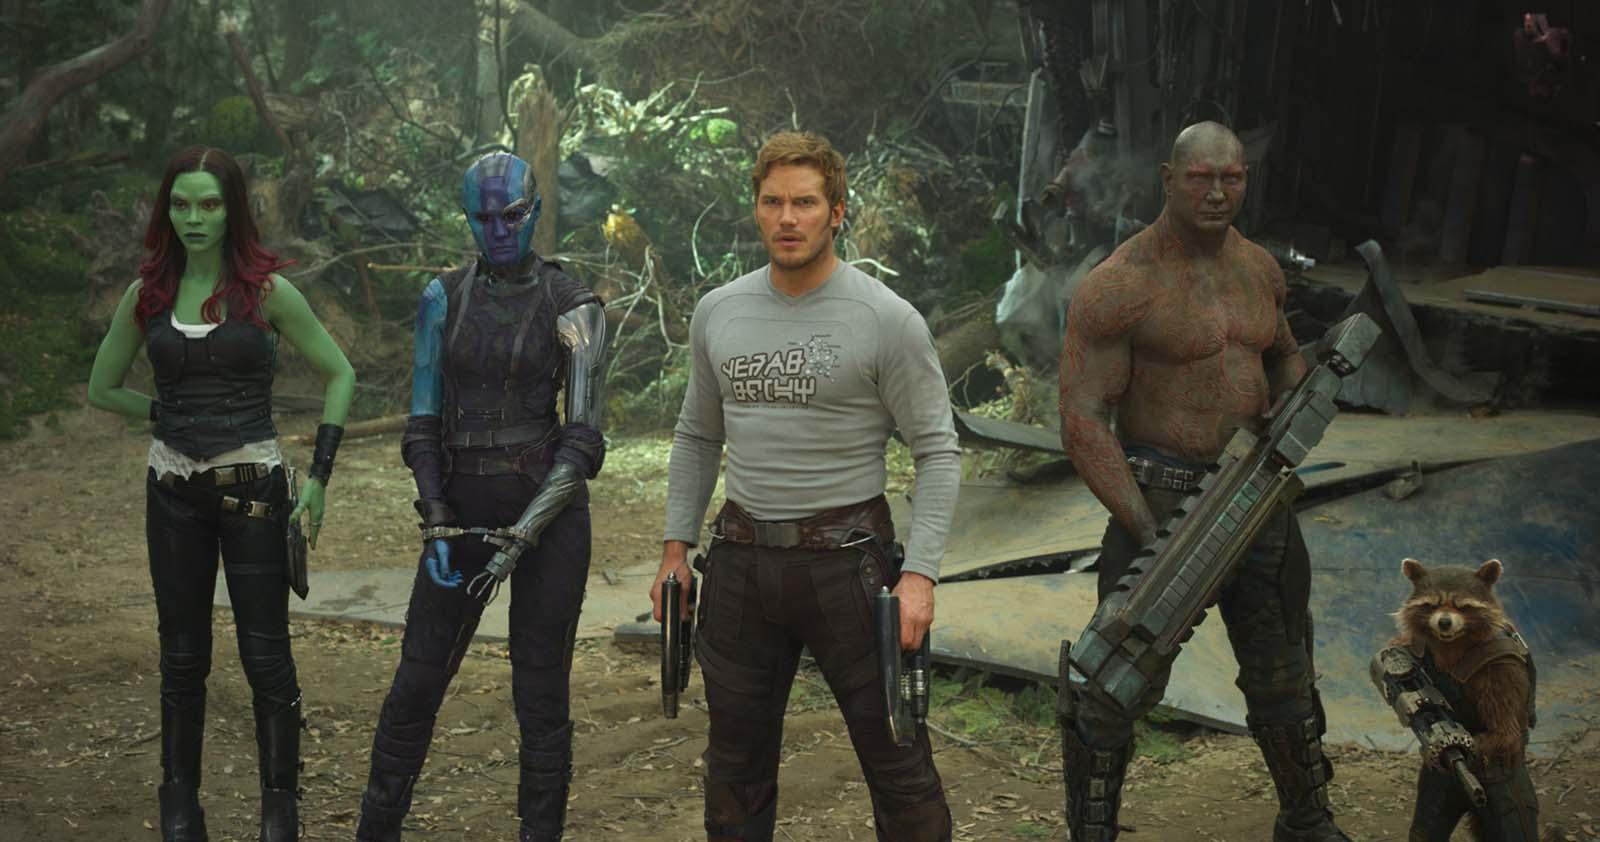 Les Gardiens de la Galaxie s'unissent pour que Disney réembauche James Gunn